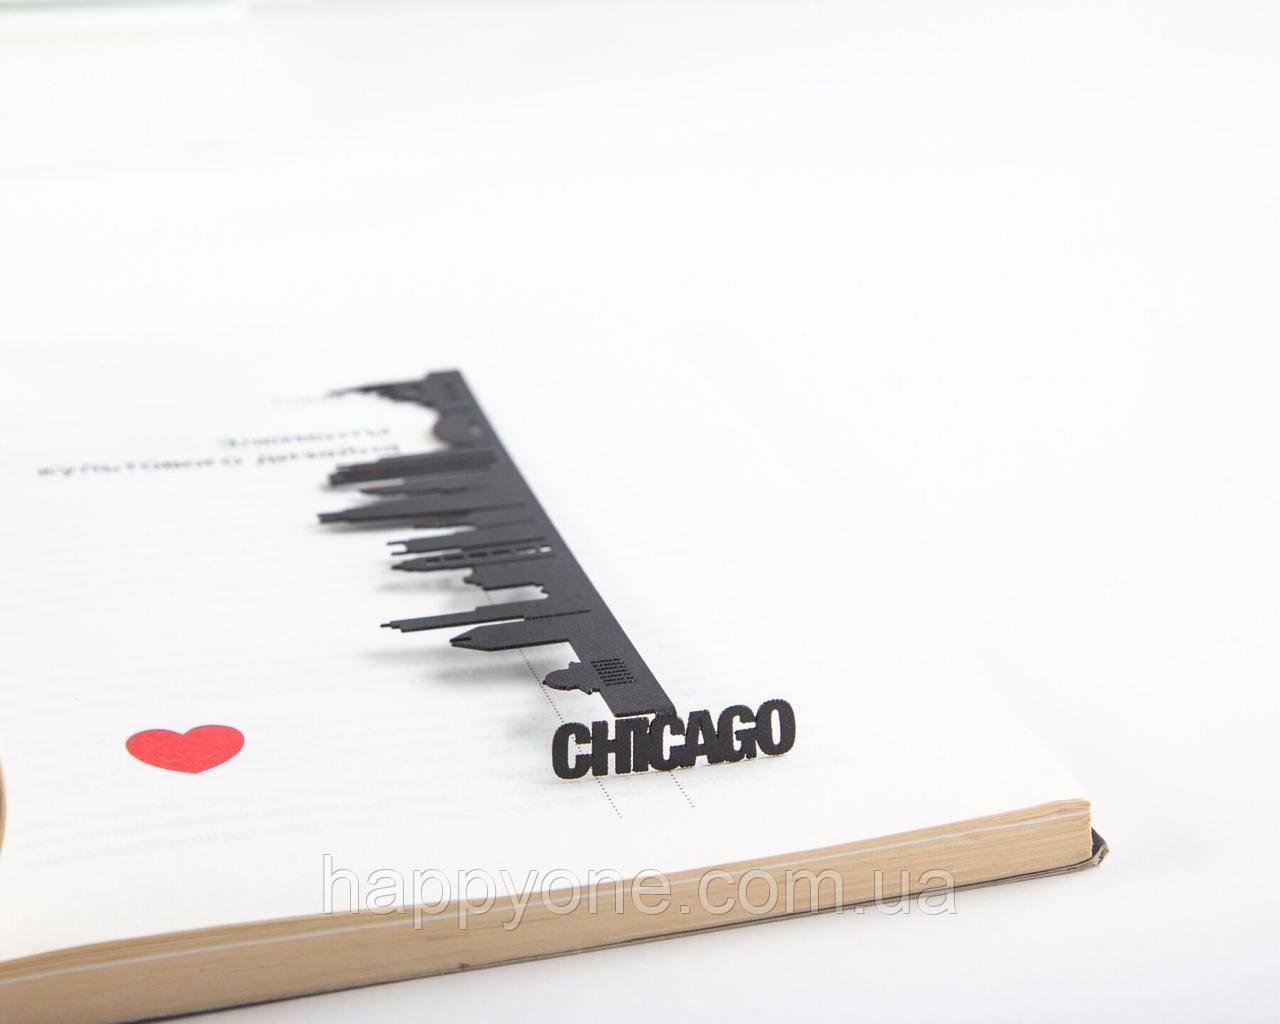 Закладка для книг Chicago